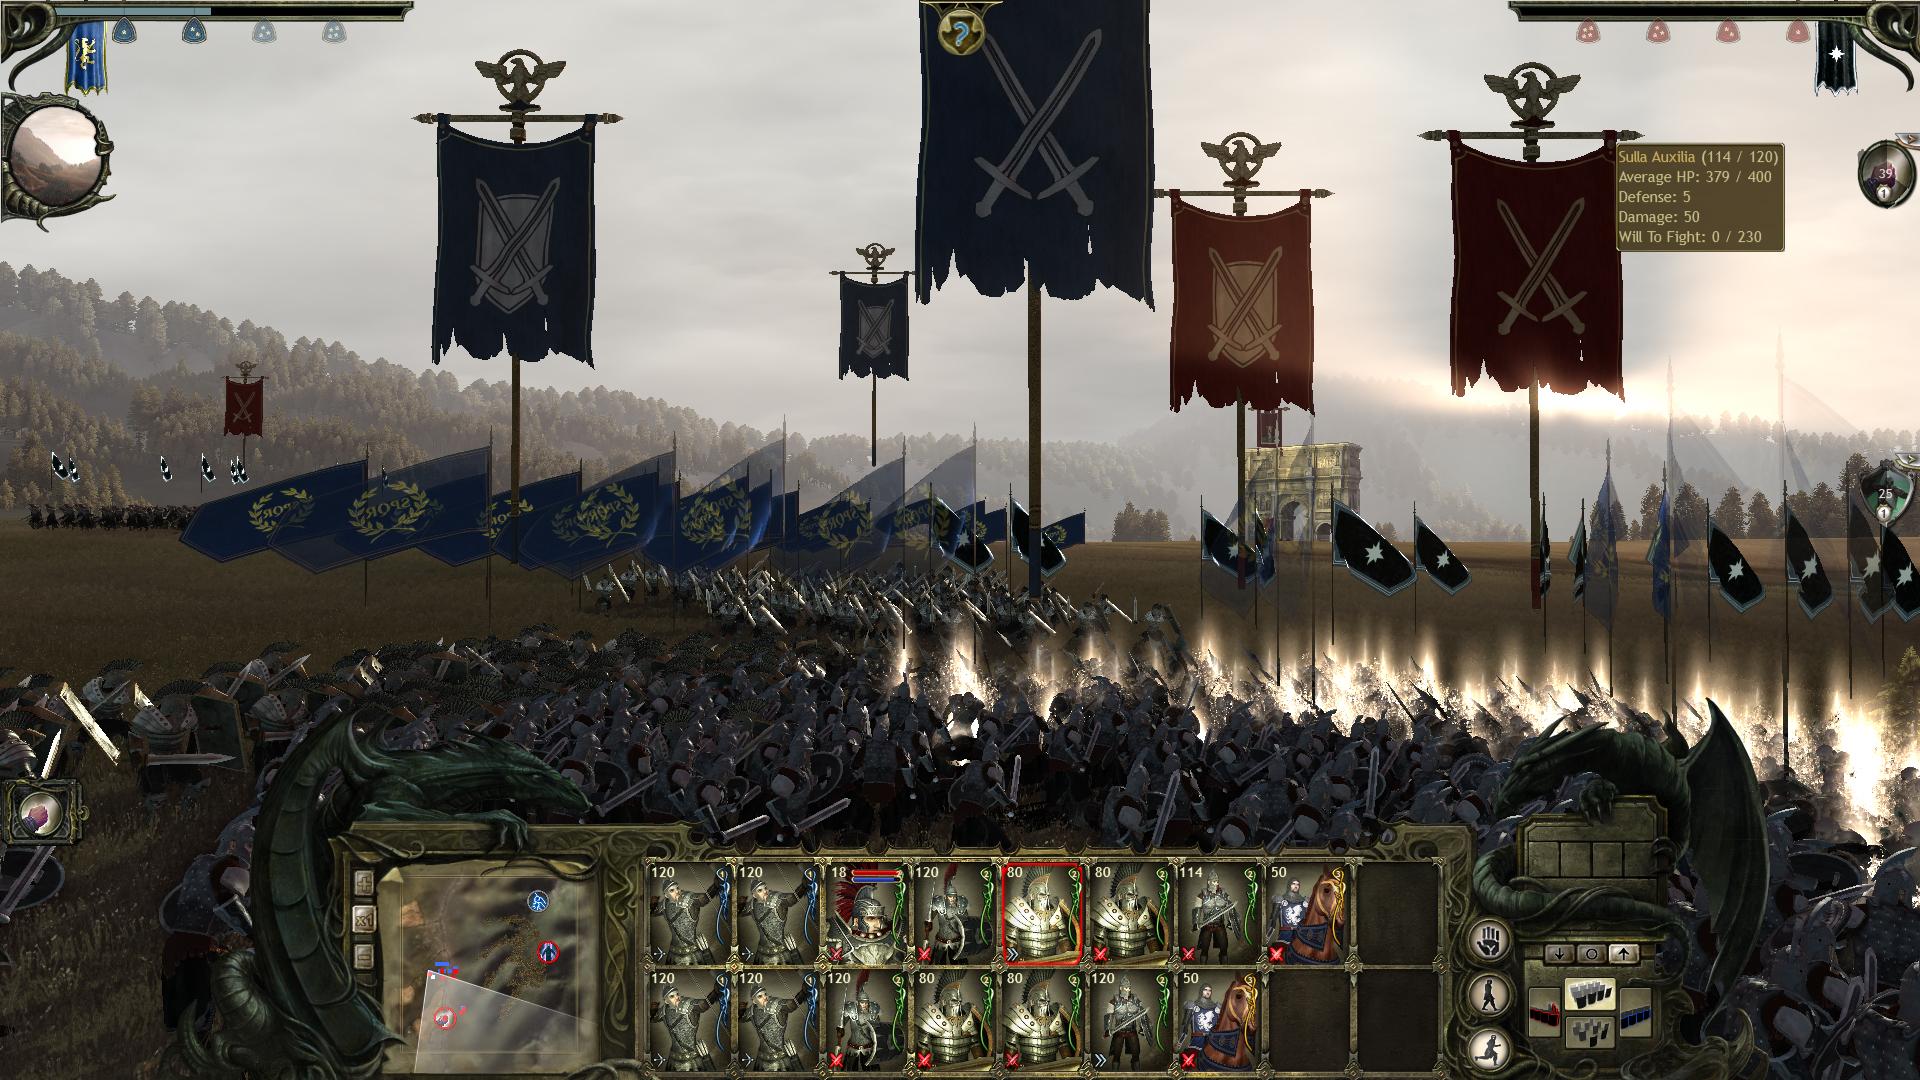 King Arthur II: The Role-Playing Wargame screenshot